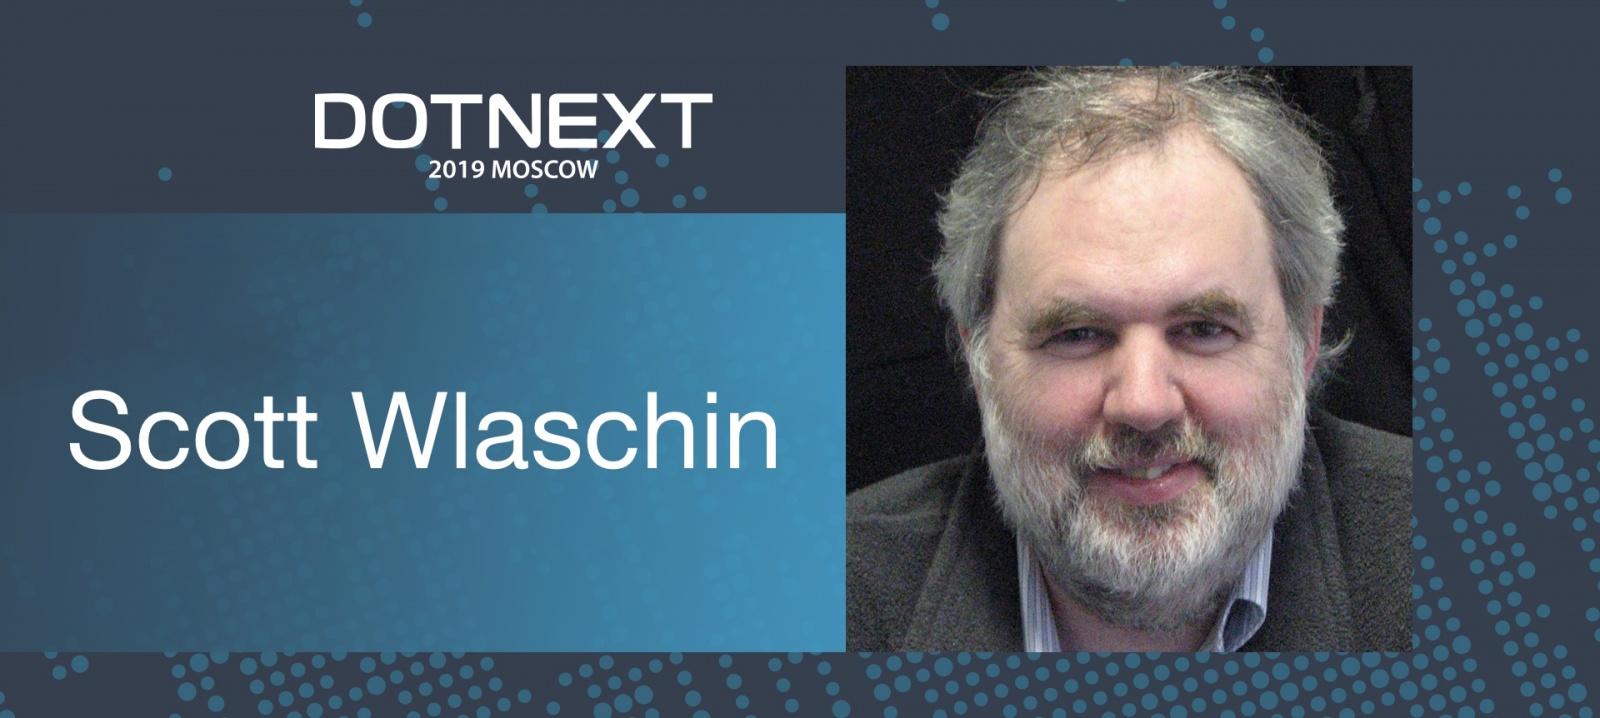 «Освоить F# не сложнее, чем Entity Framework или WPF»: интервью со Скоттом Влашиным - 1